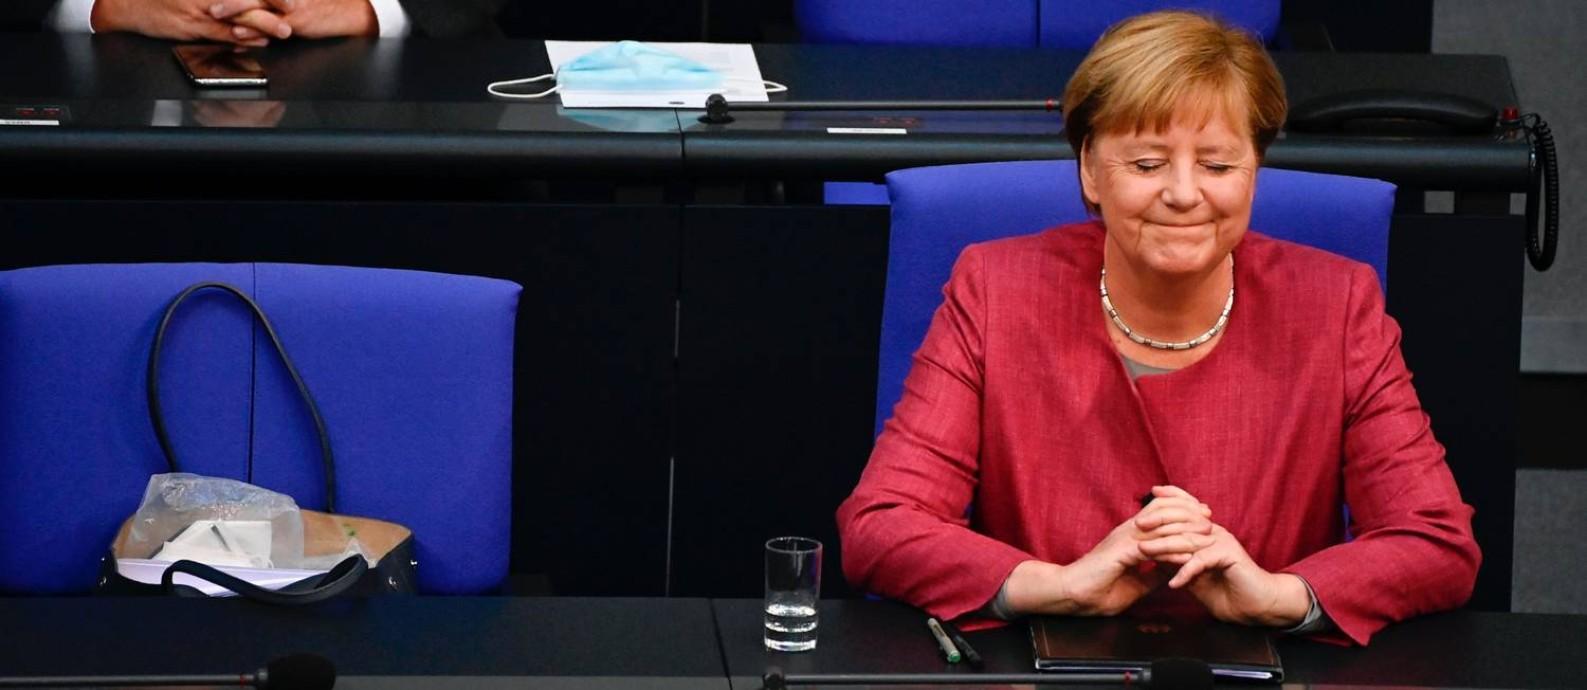 Merkel, que em novembro completa 15 anos à frente do governo, encerra em 2021 seu último mandato Foto: TOBIAS SCHWARZ / AFP/30-9-2020